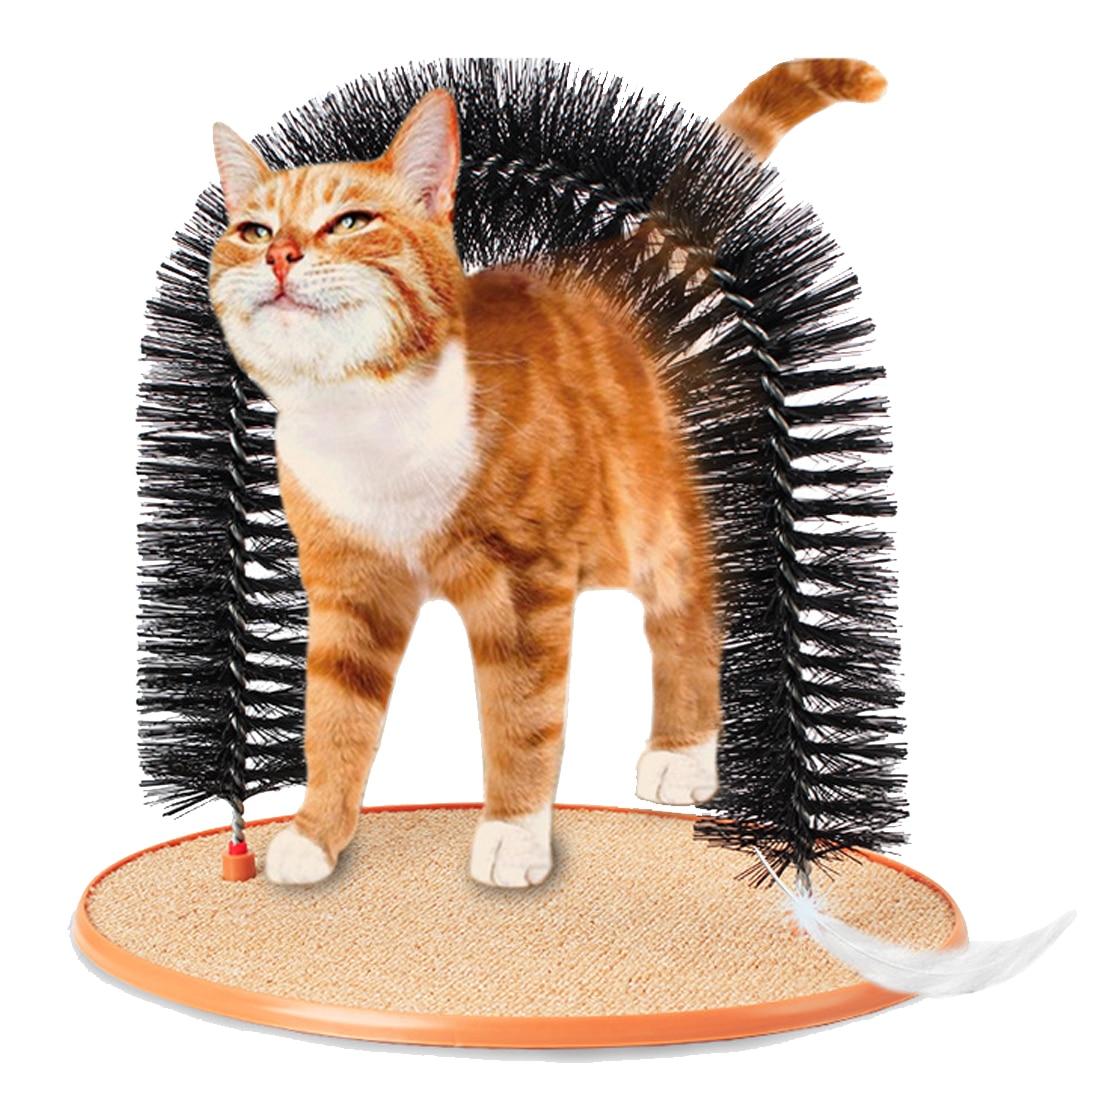 Productos para mascotas buen arco gato Groomer con ronda Base de lana gato cepillo de juguete juguetes para mascotas rascarse dispositivos